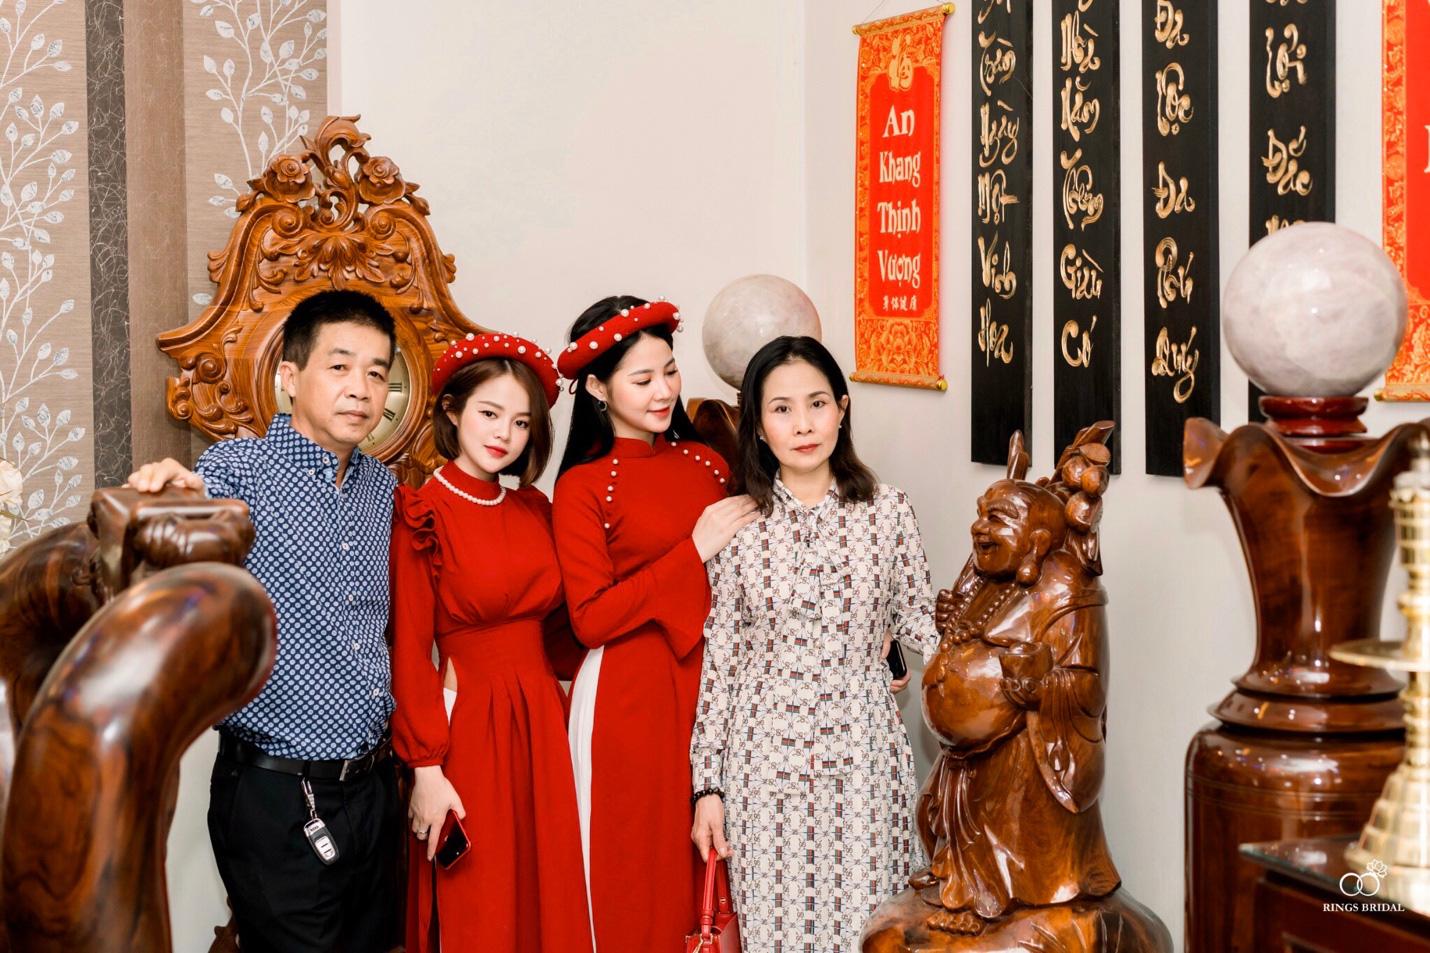 Gia Hân - Cô nàng xinh đẹp của ĐH Hồng Bàng với phong cách phối đồ chuẩn fashionista - Ảnh 9.